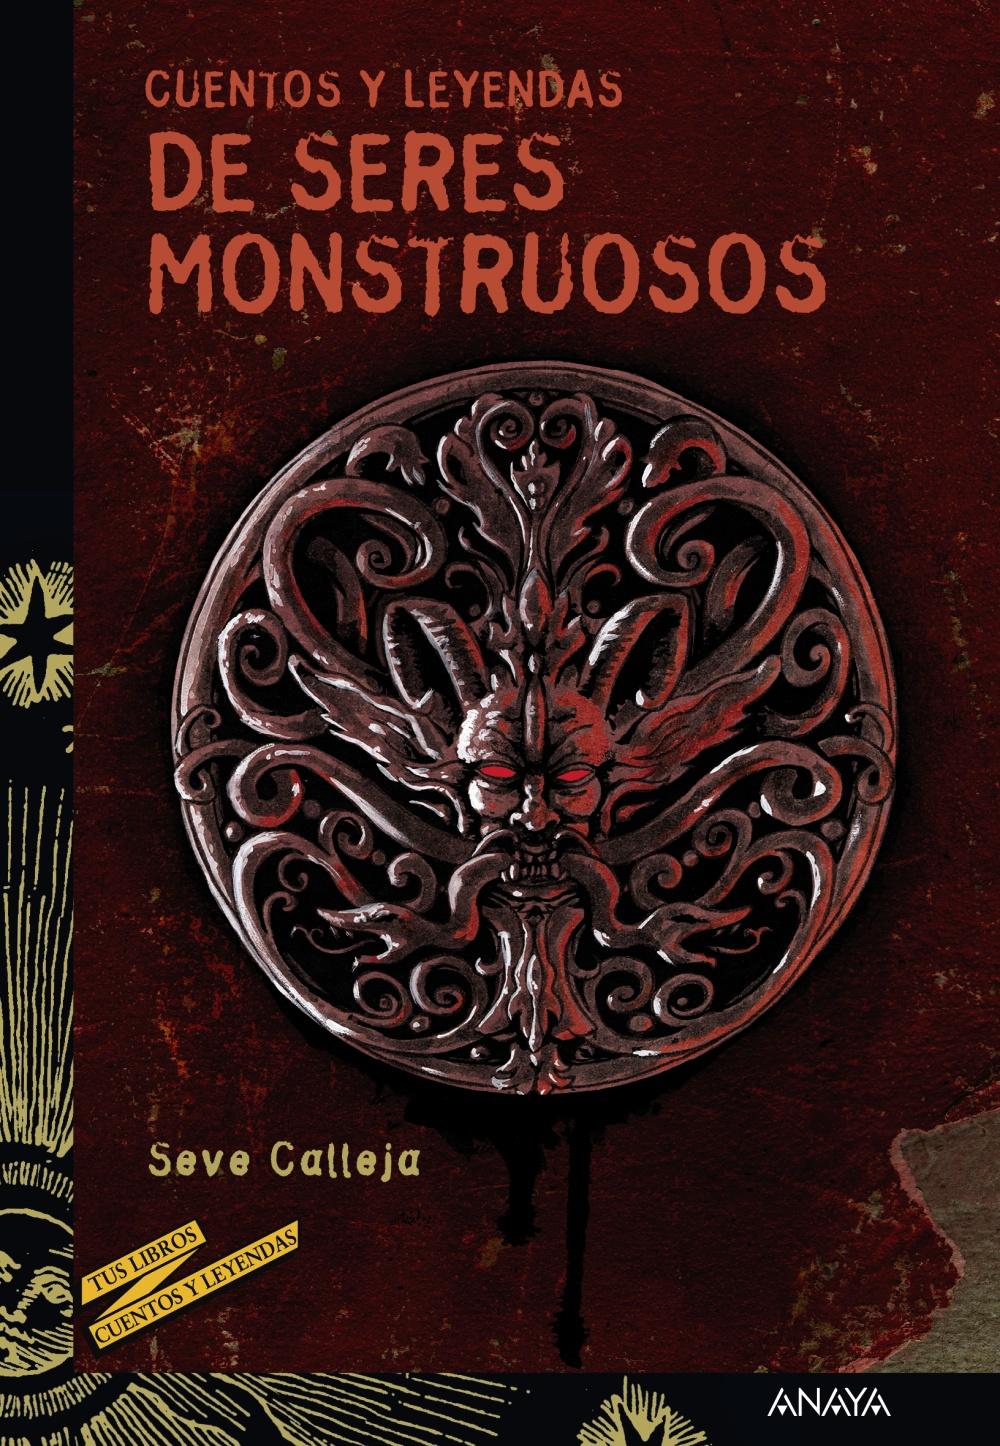 Cuentos y leyendas de seres monstruosos (ebook)